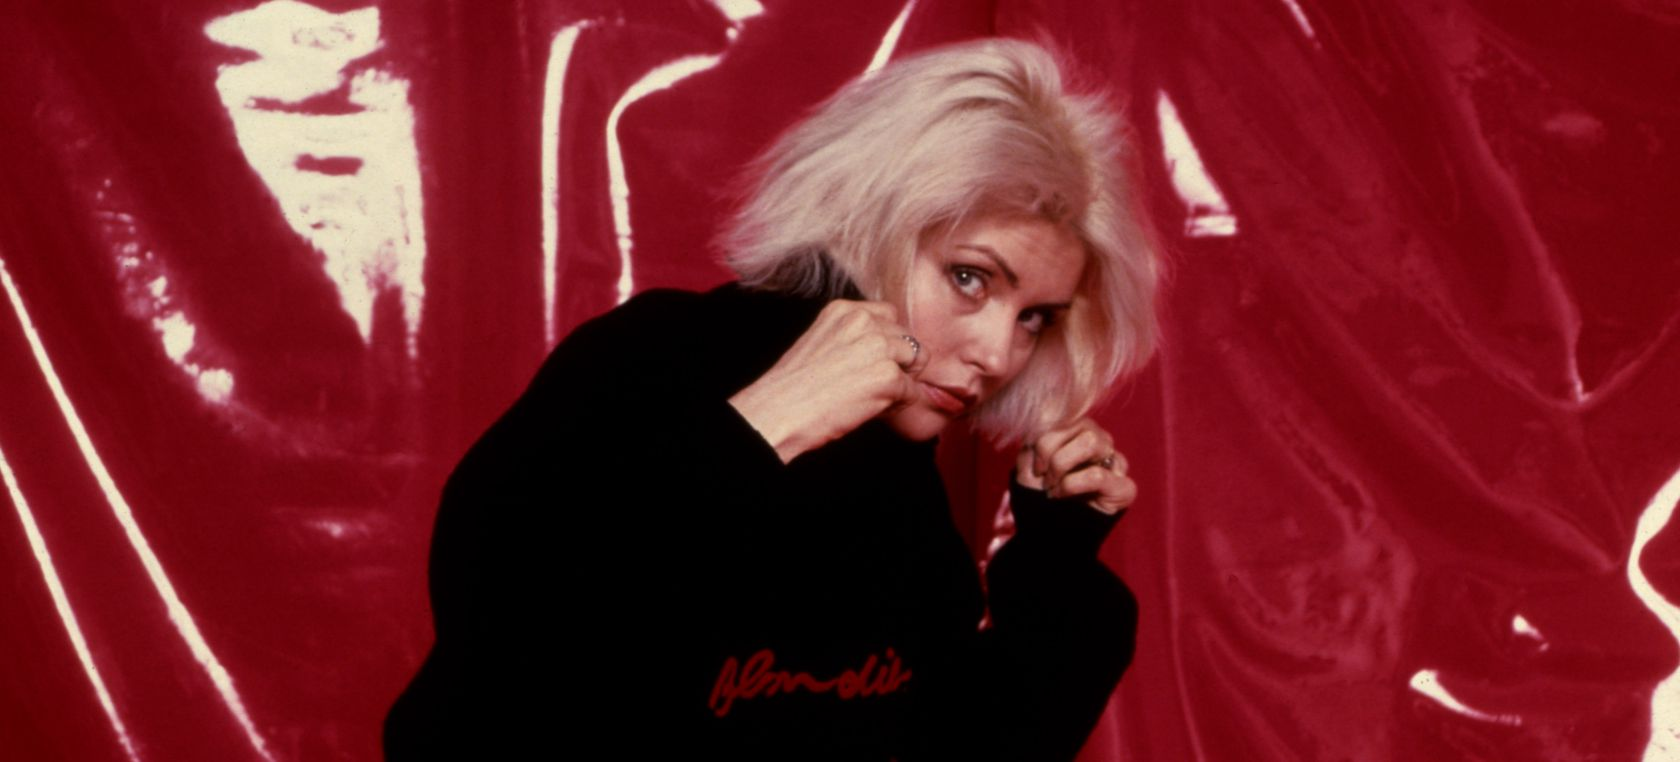 Machismo, una violación y el pene de Bowie: así son las memorias de Debbie Harry, la líder de Blondie